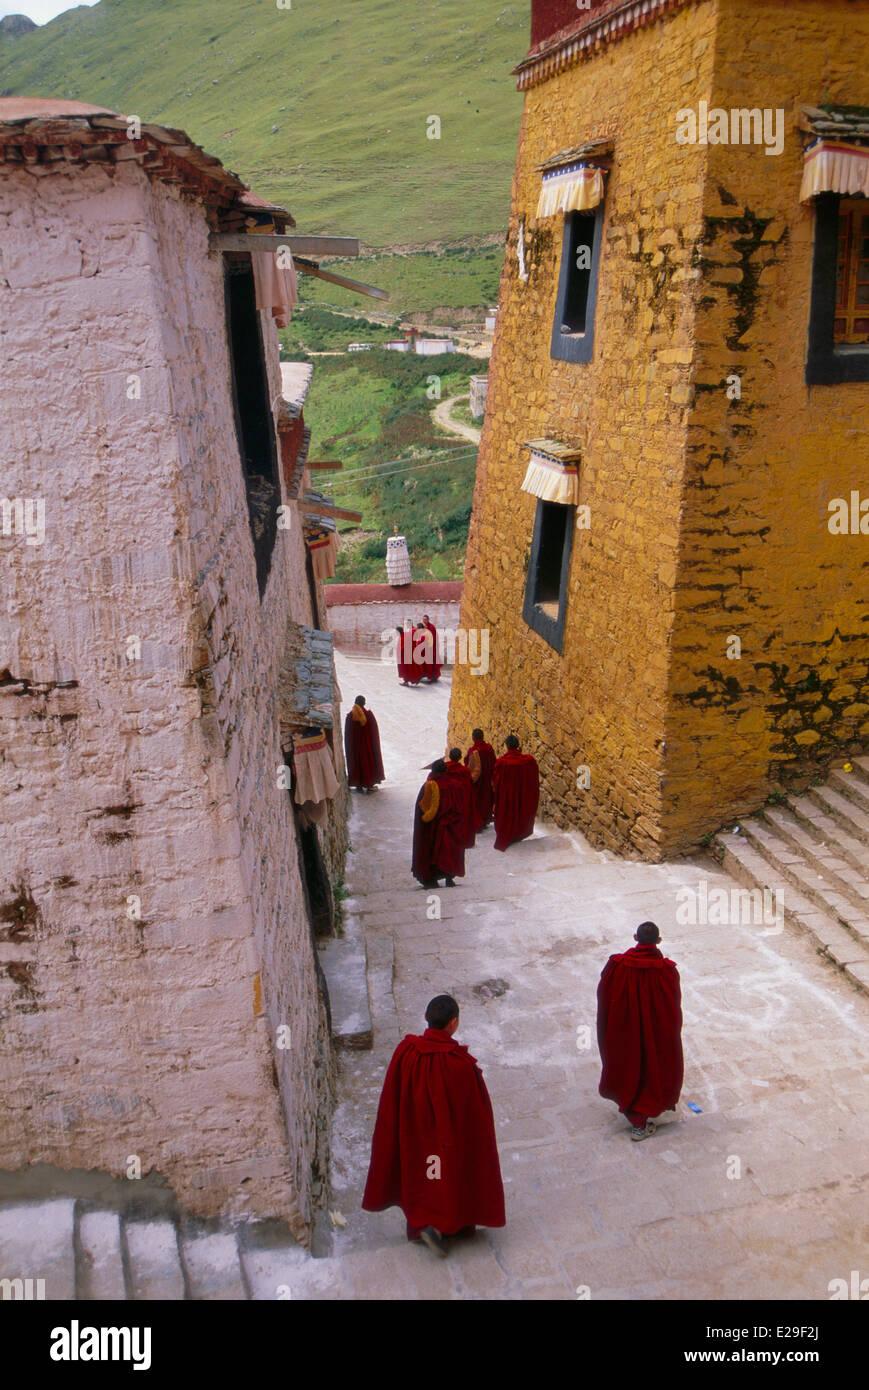 Monaci Tibetani a piedi per una cerimonia, Monastero di Ganden, Tibet Immagini Stock